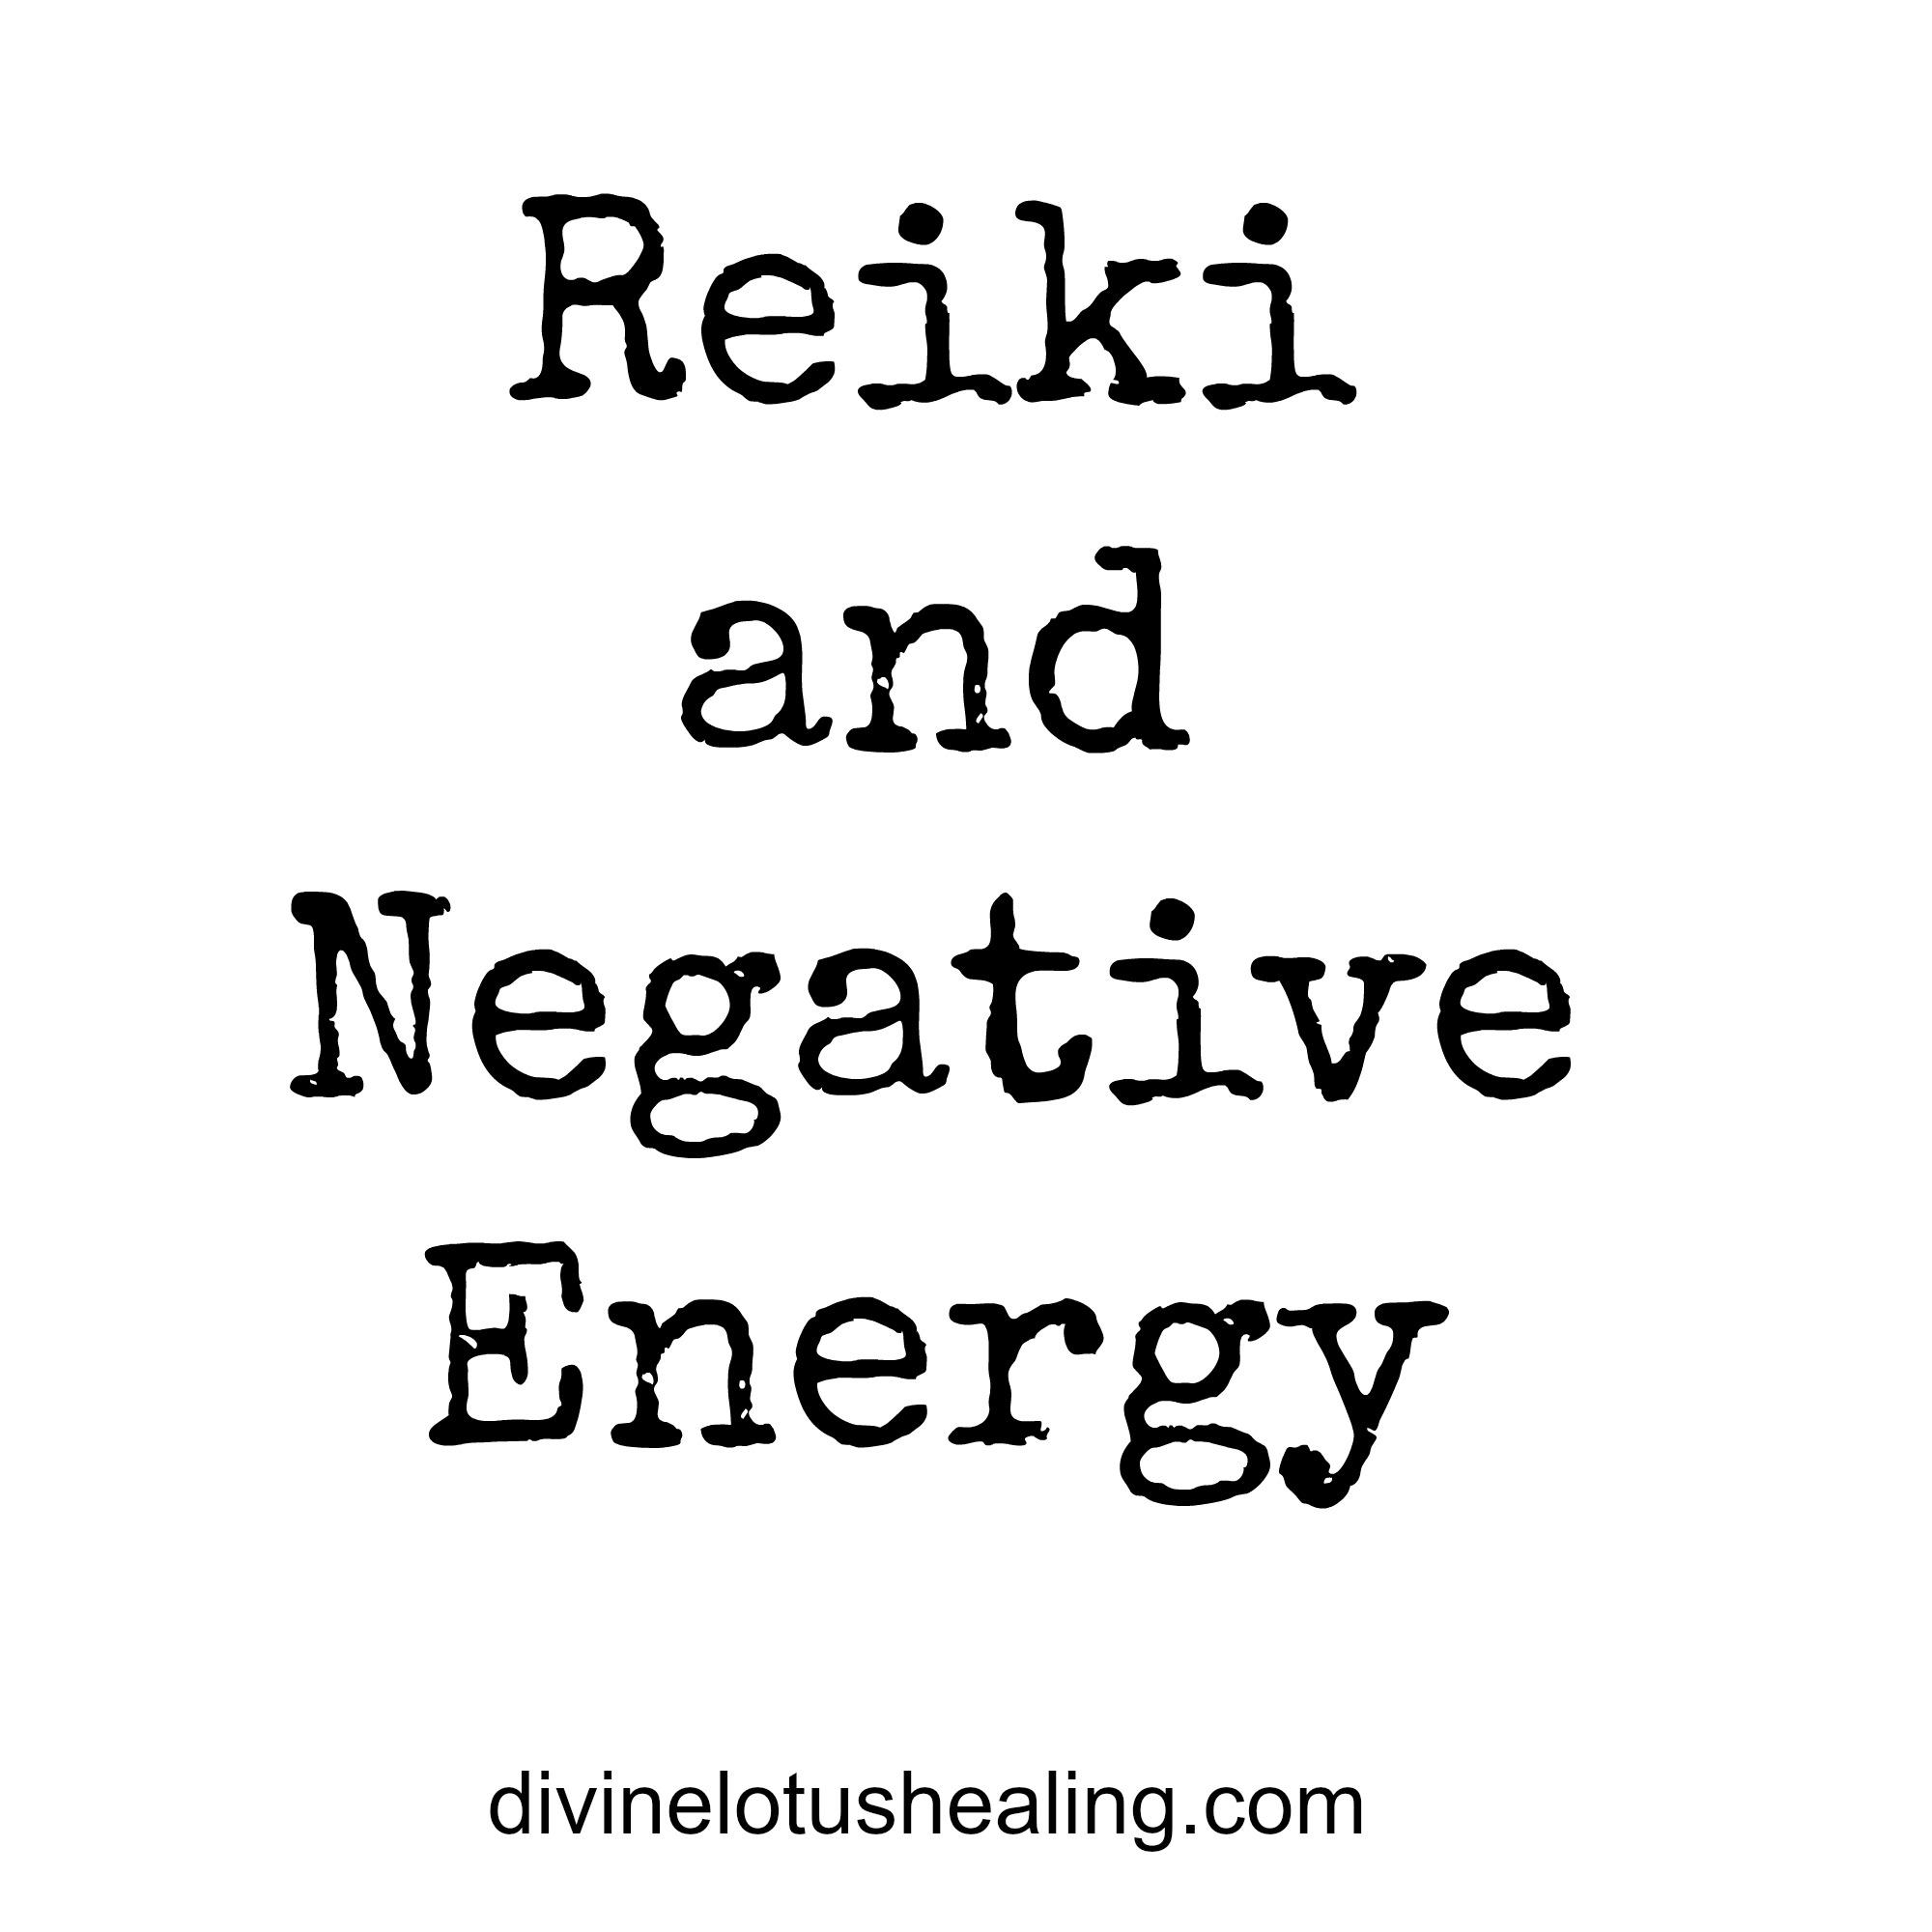 Reiki and Negative Energy